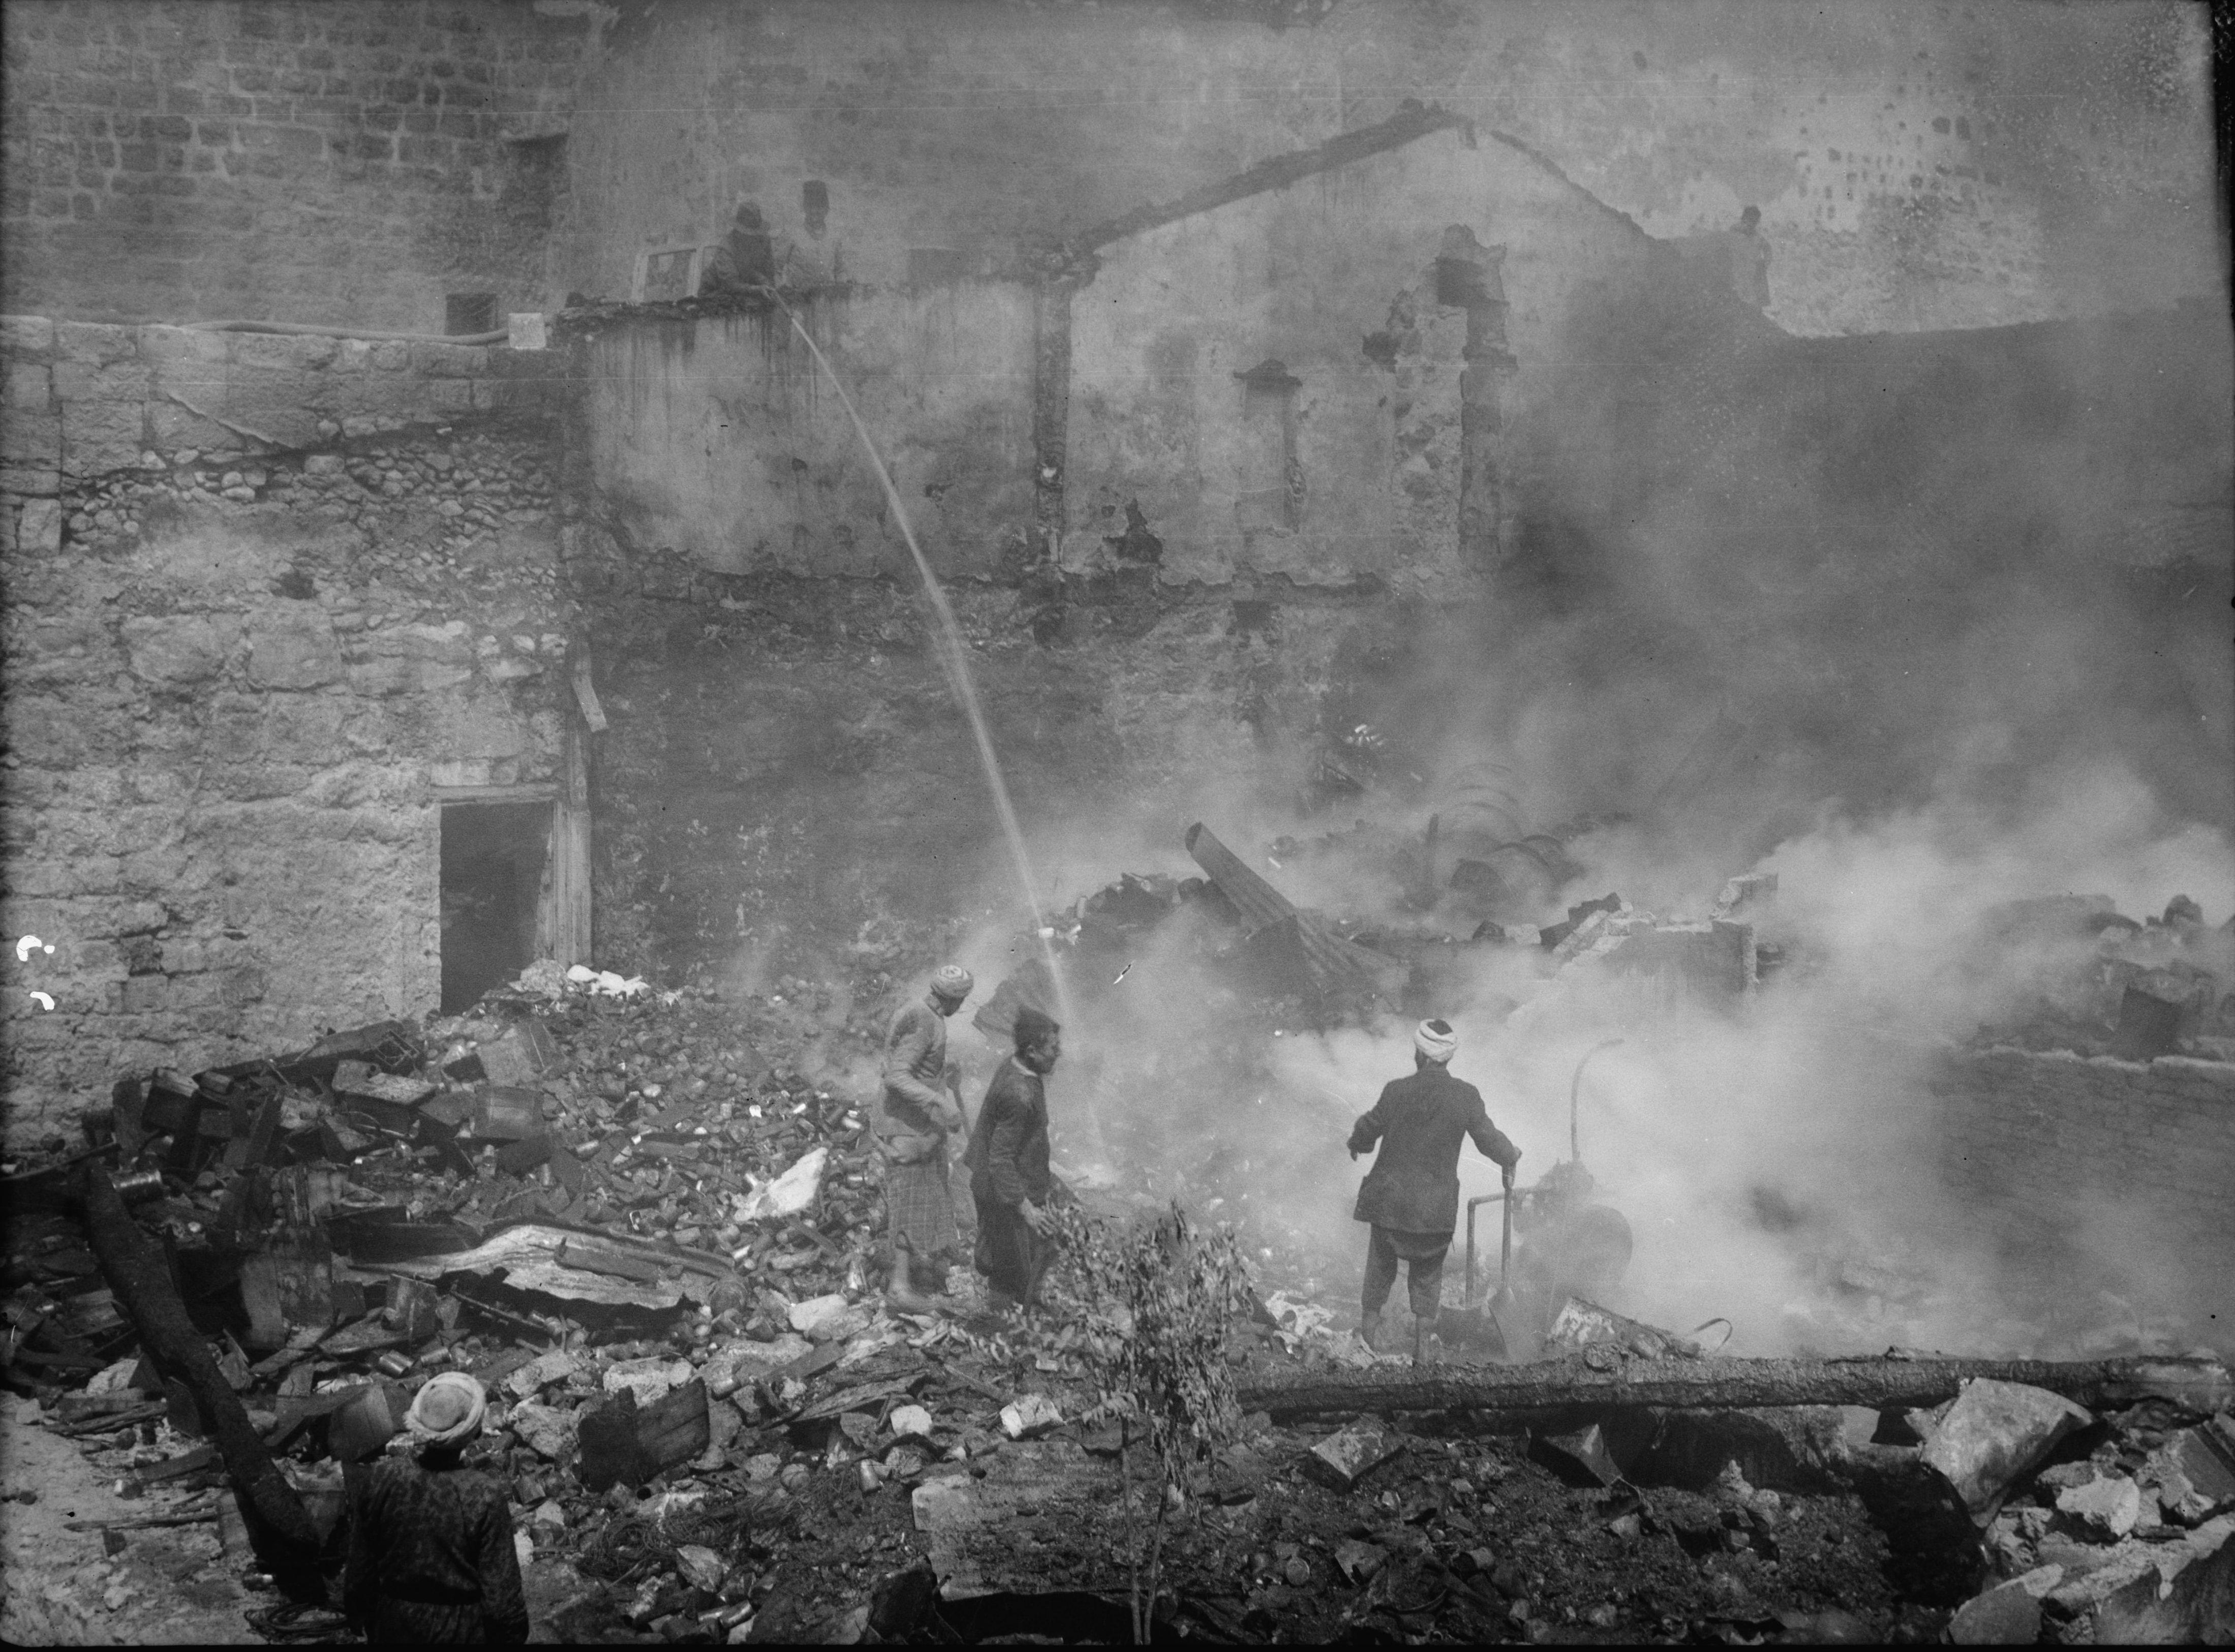 1936. Арабы устраивают погром в Армянском квартале Иерусалима